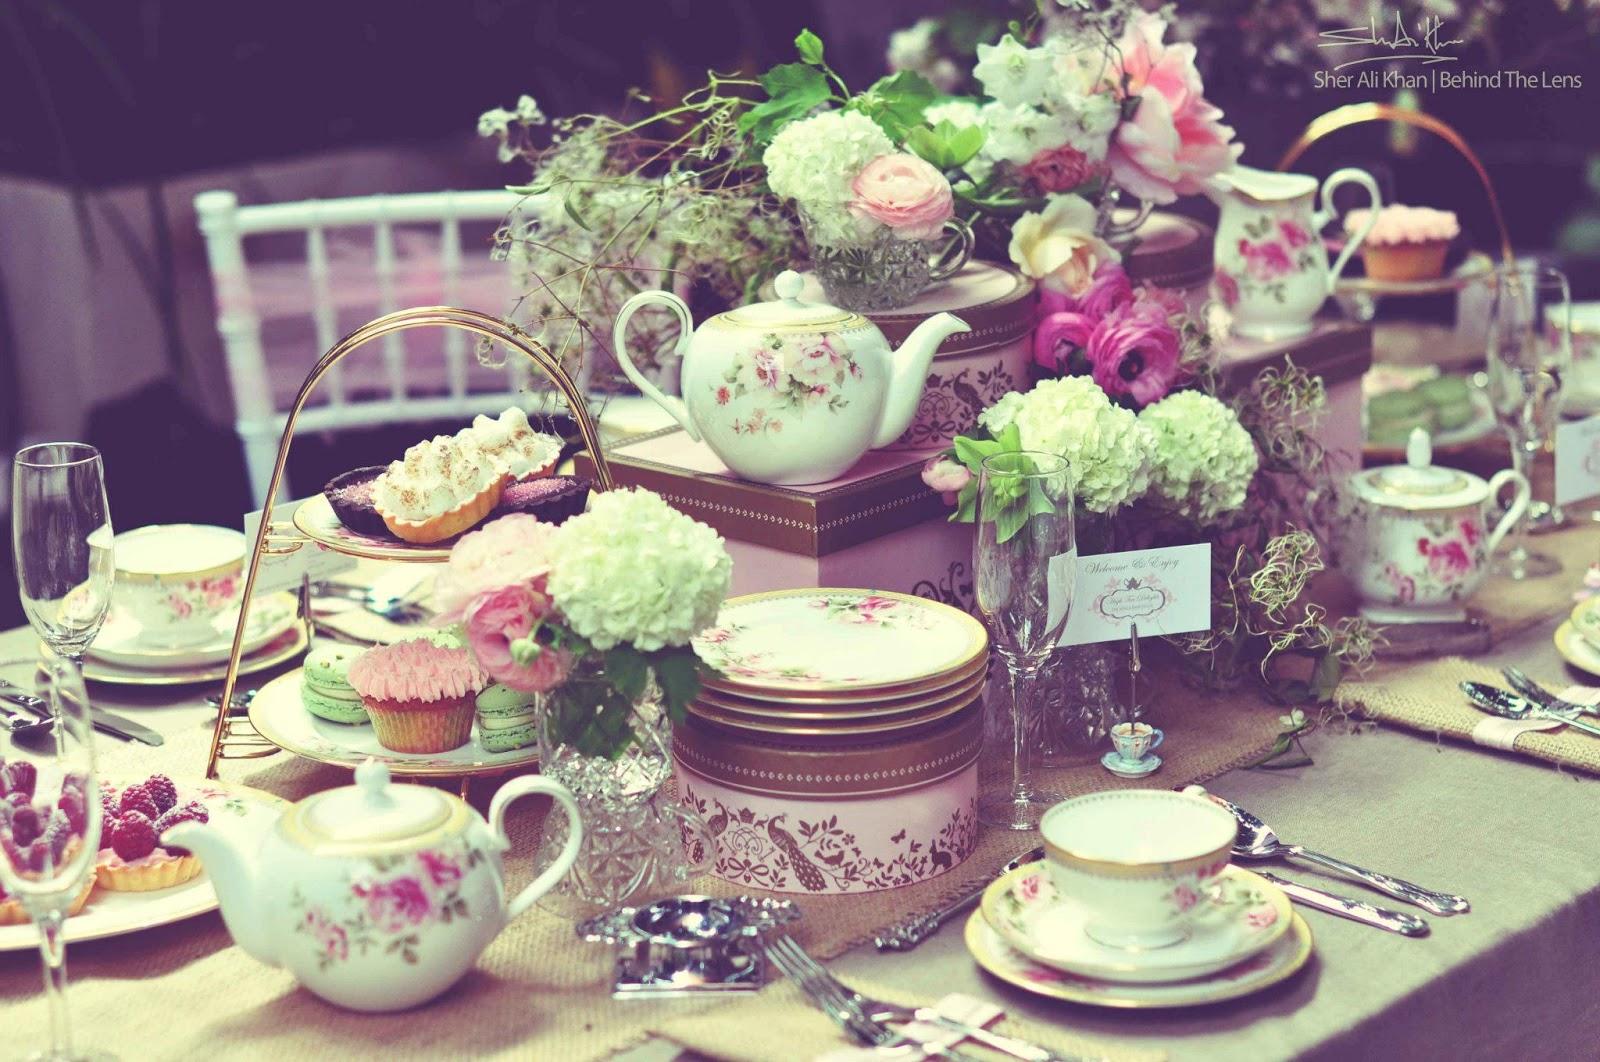 High Tea Anyone?